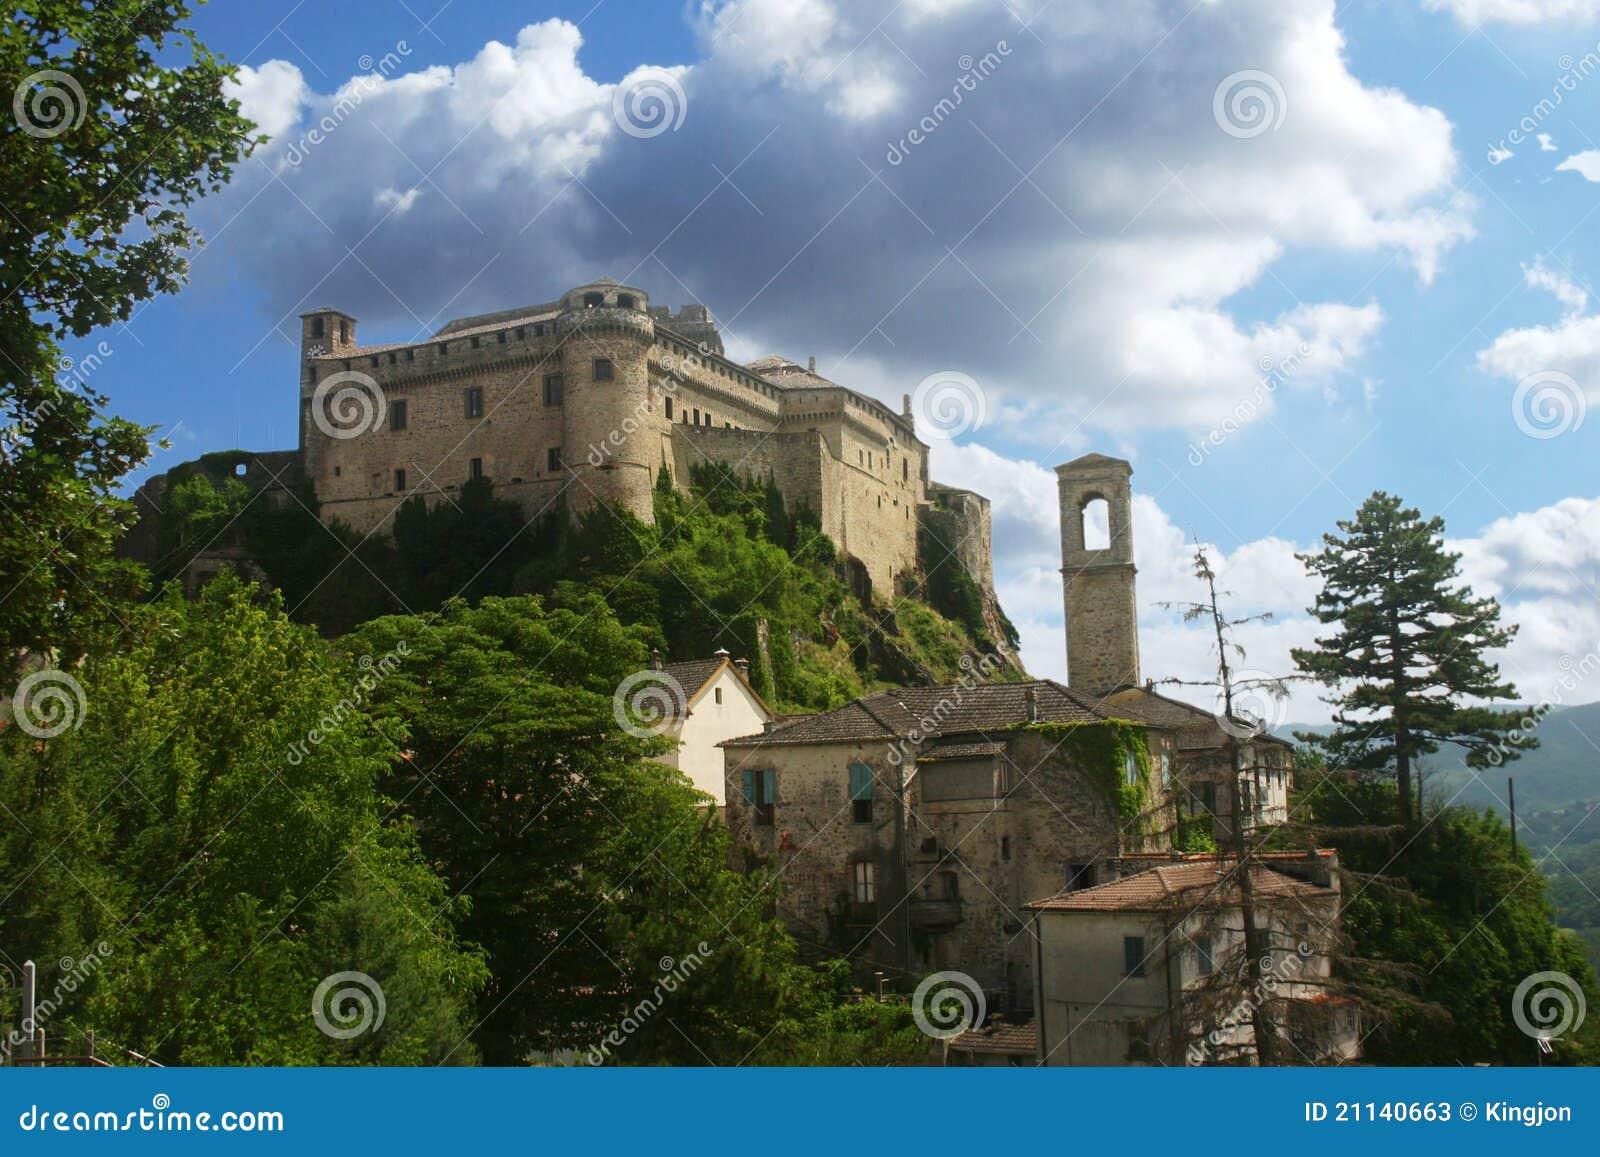 城堡意大利中世纪托斯卡纳.二手巴博斯g级越野车图片